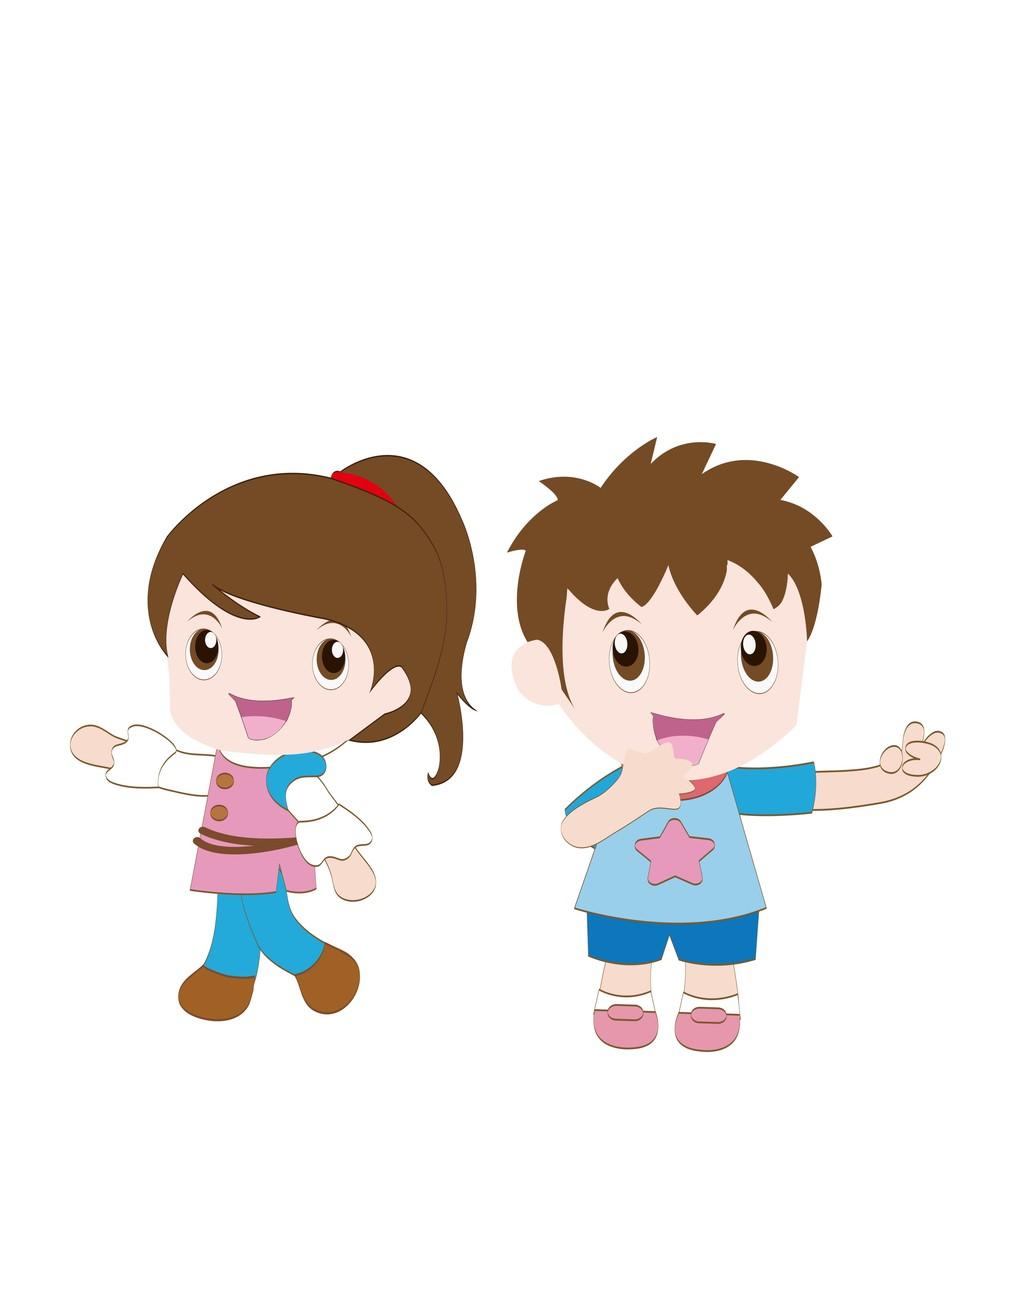 卡通人物矢量图男孩女孩儿童